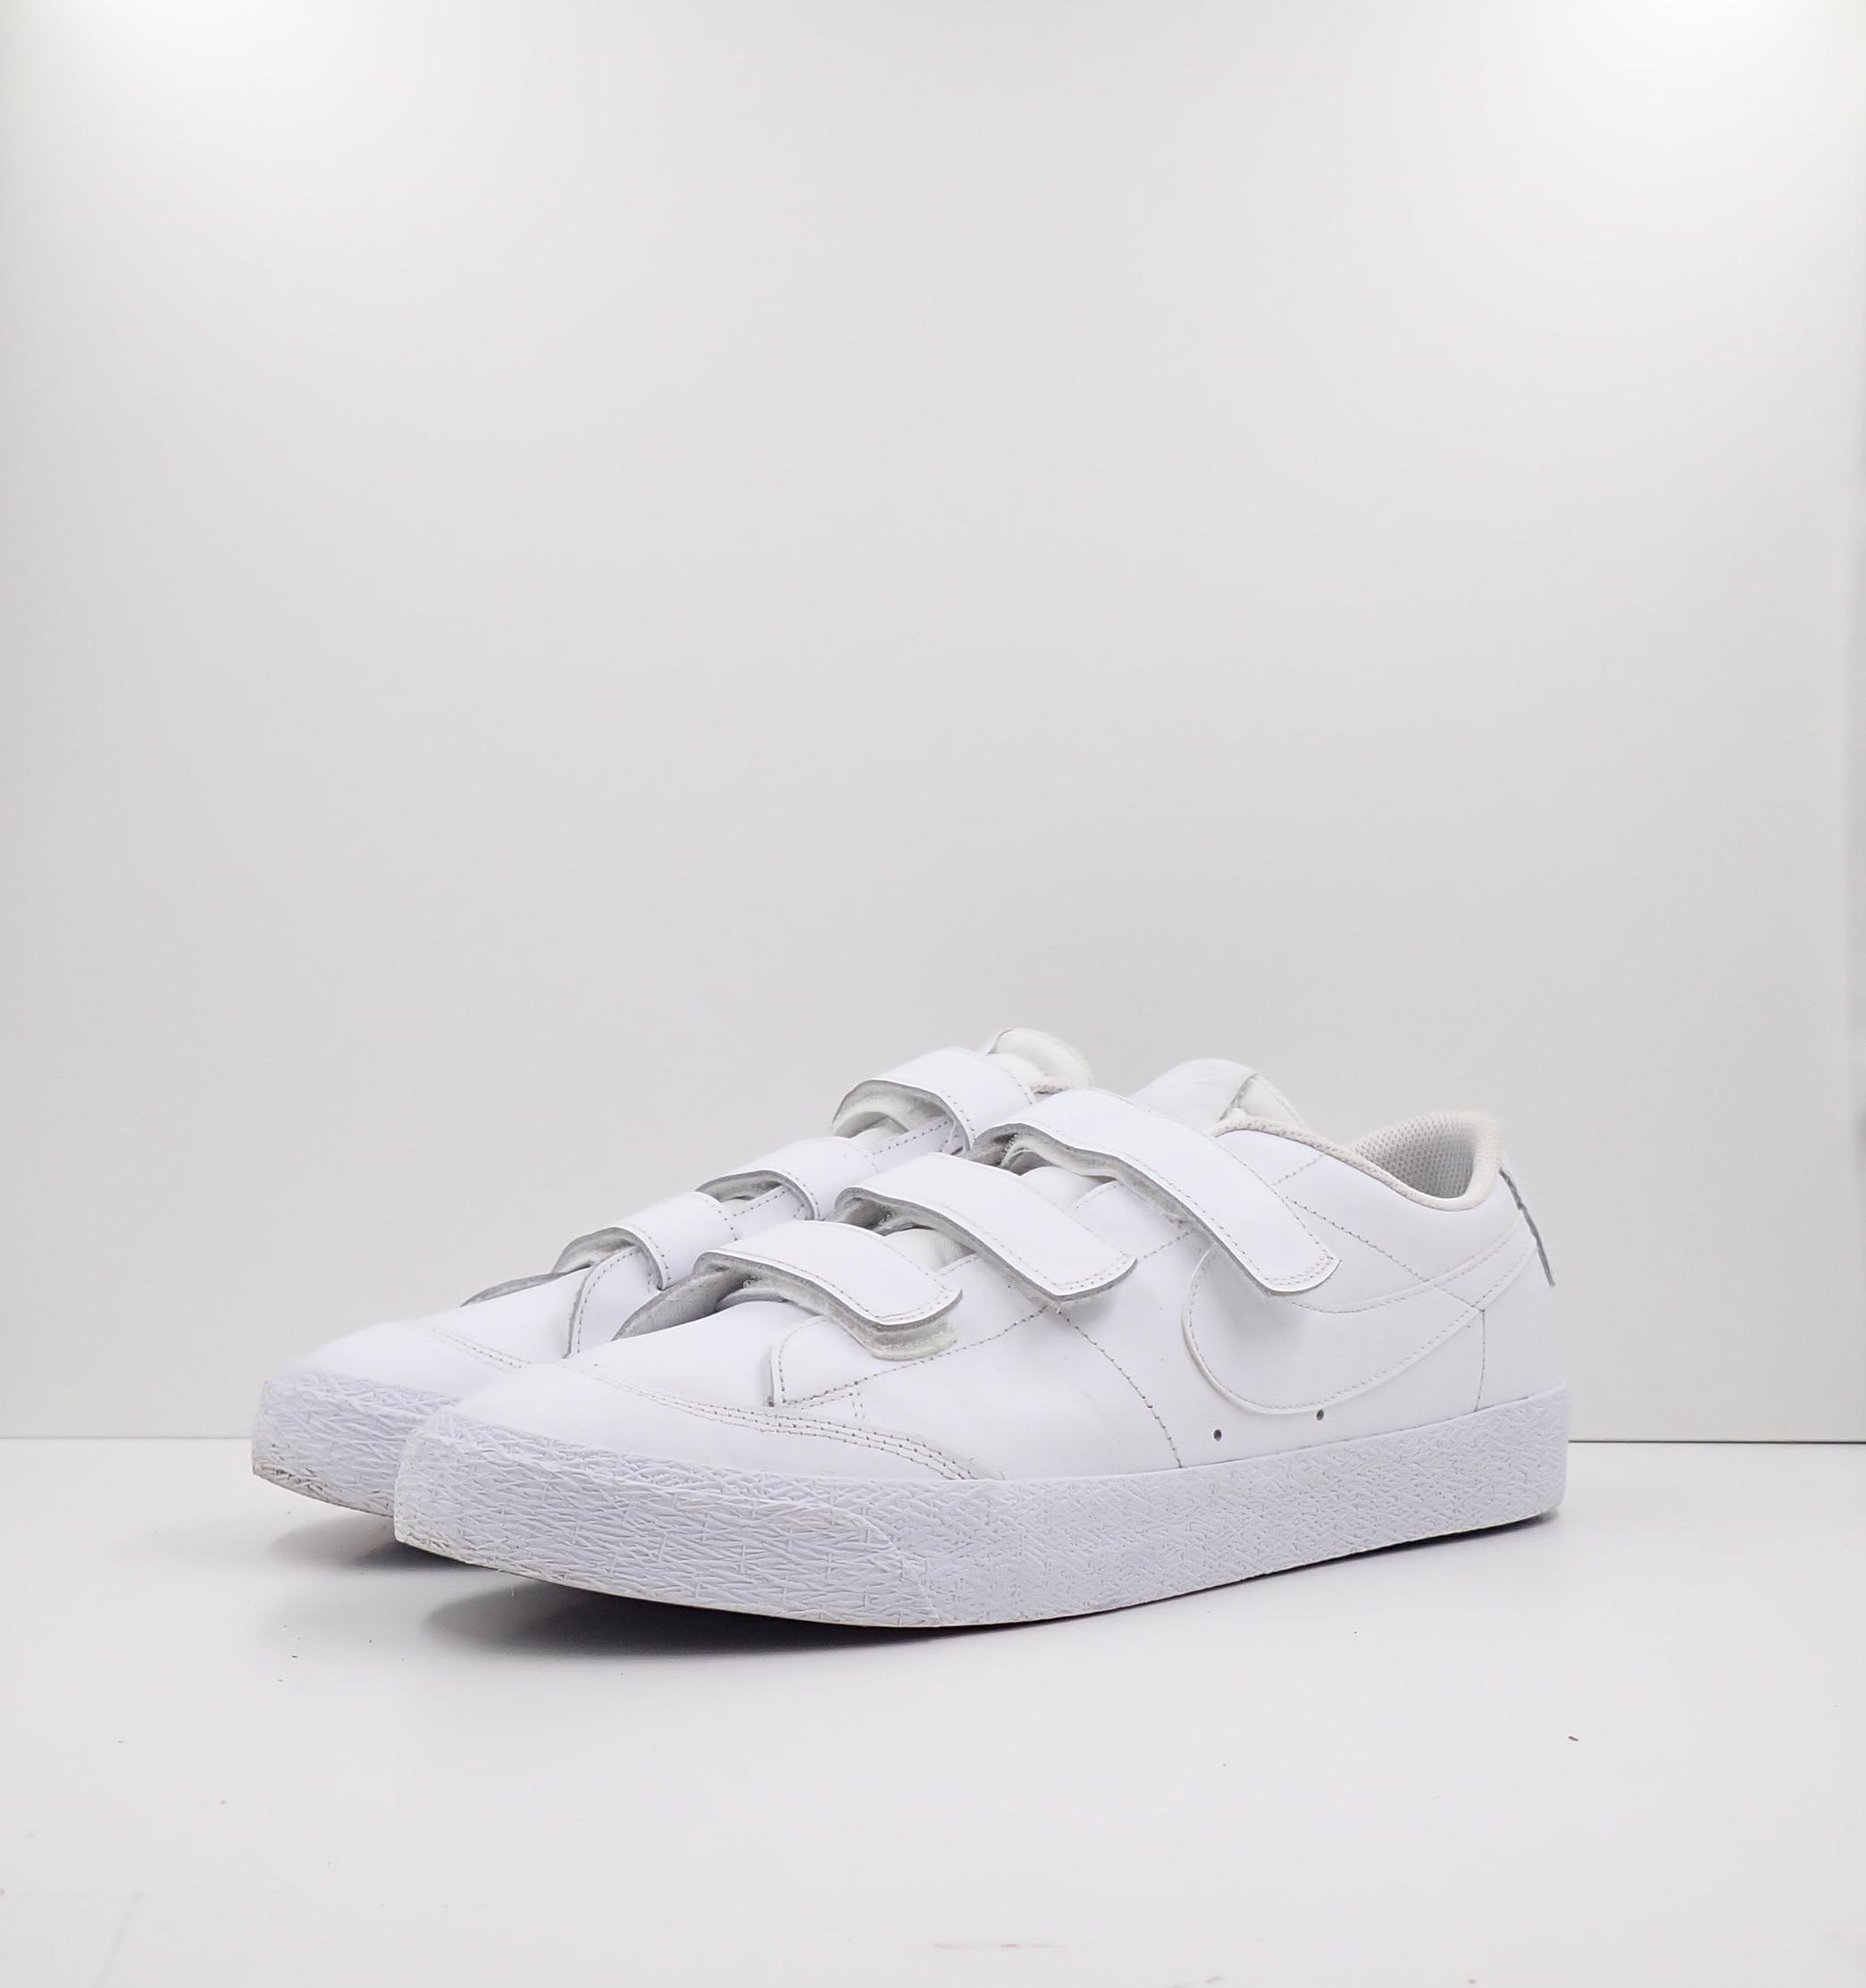 Nike Zoom Blazer AC XT SB White